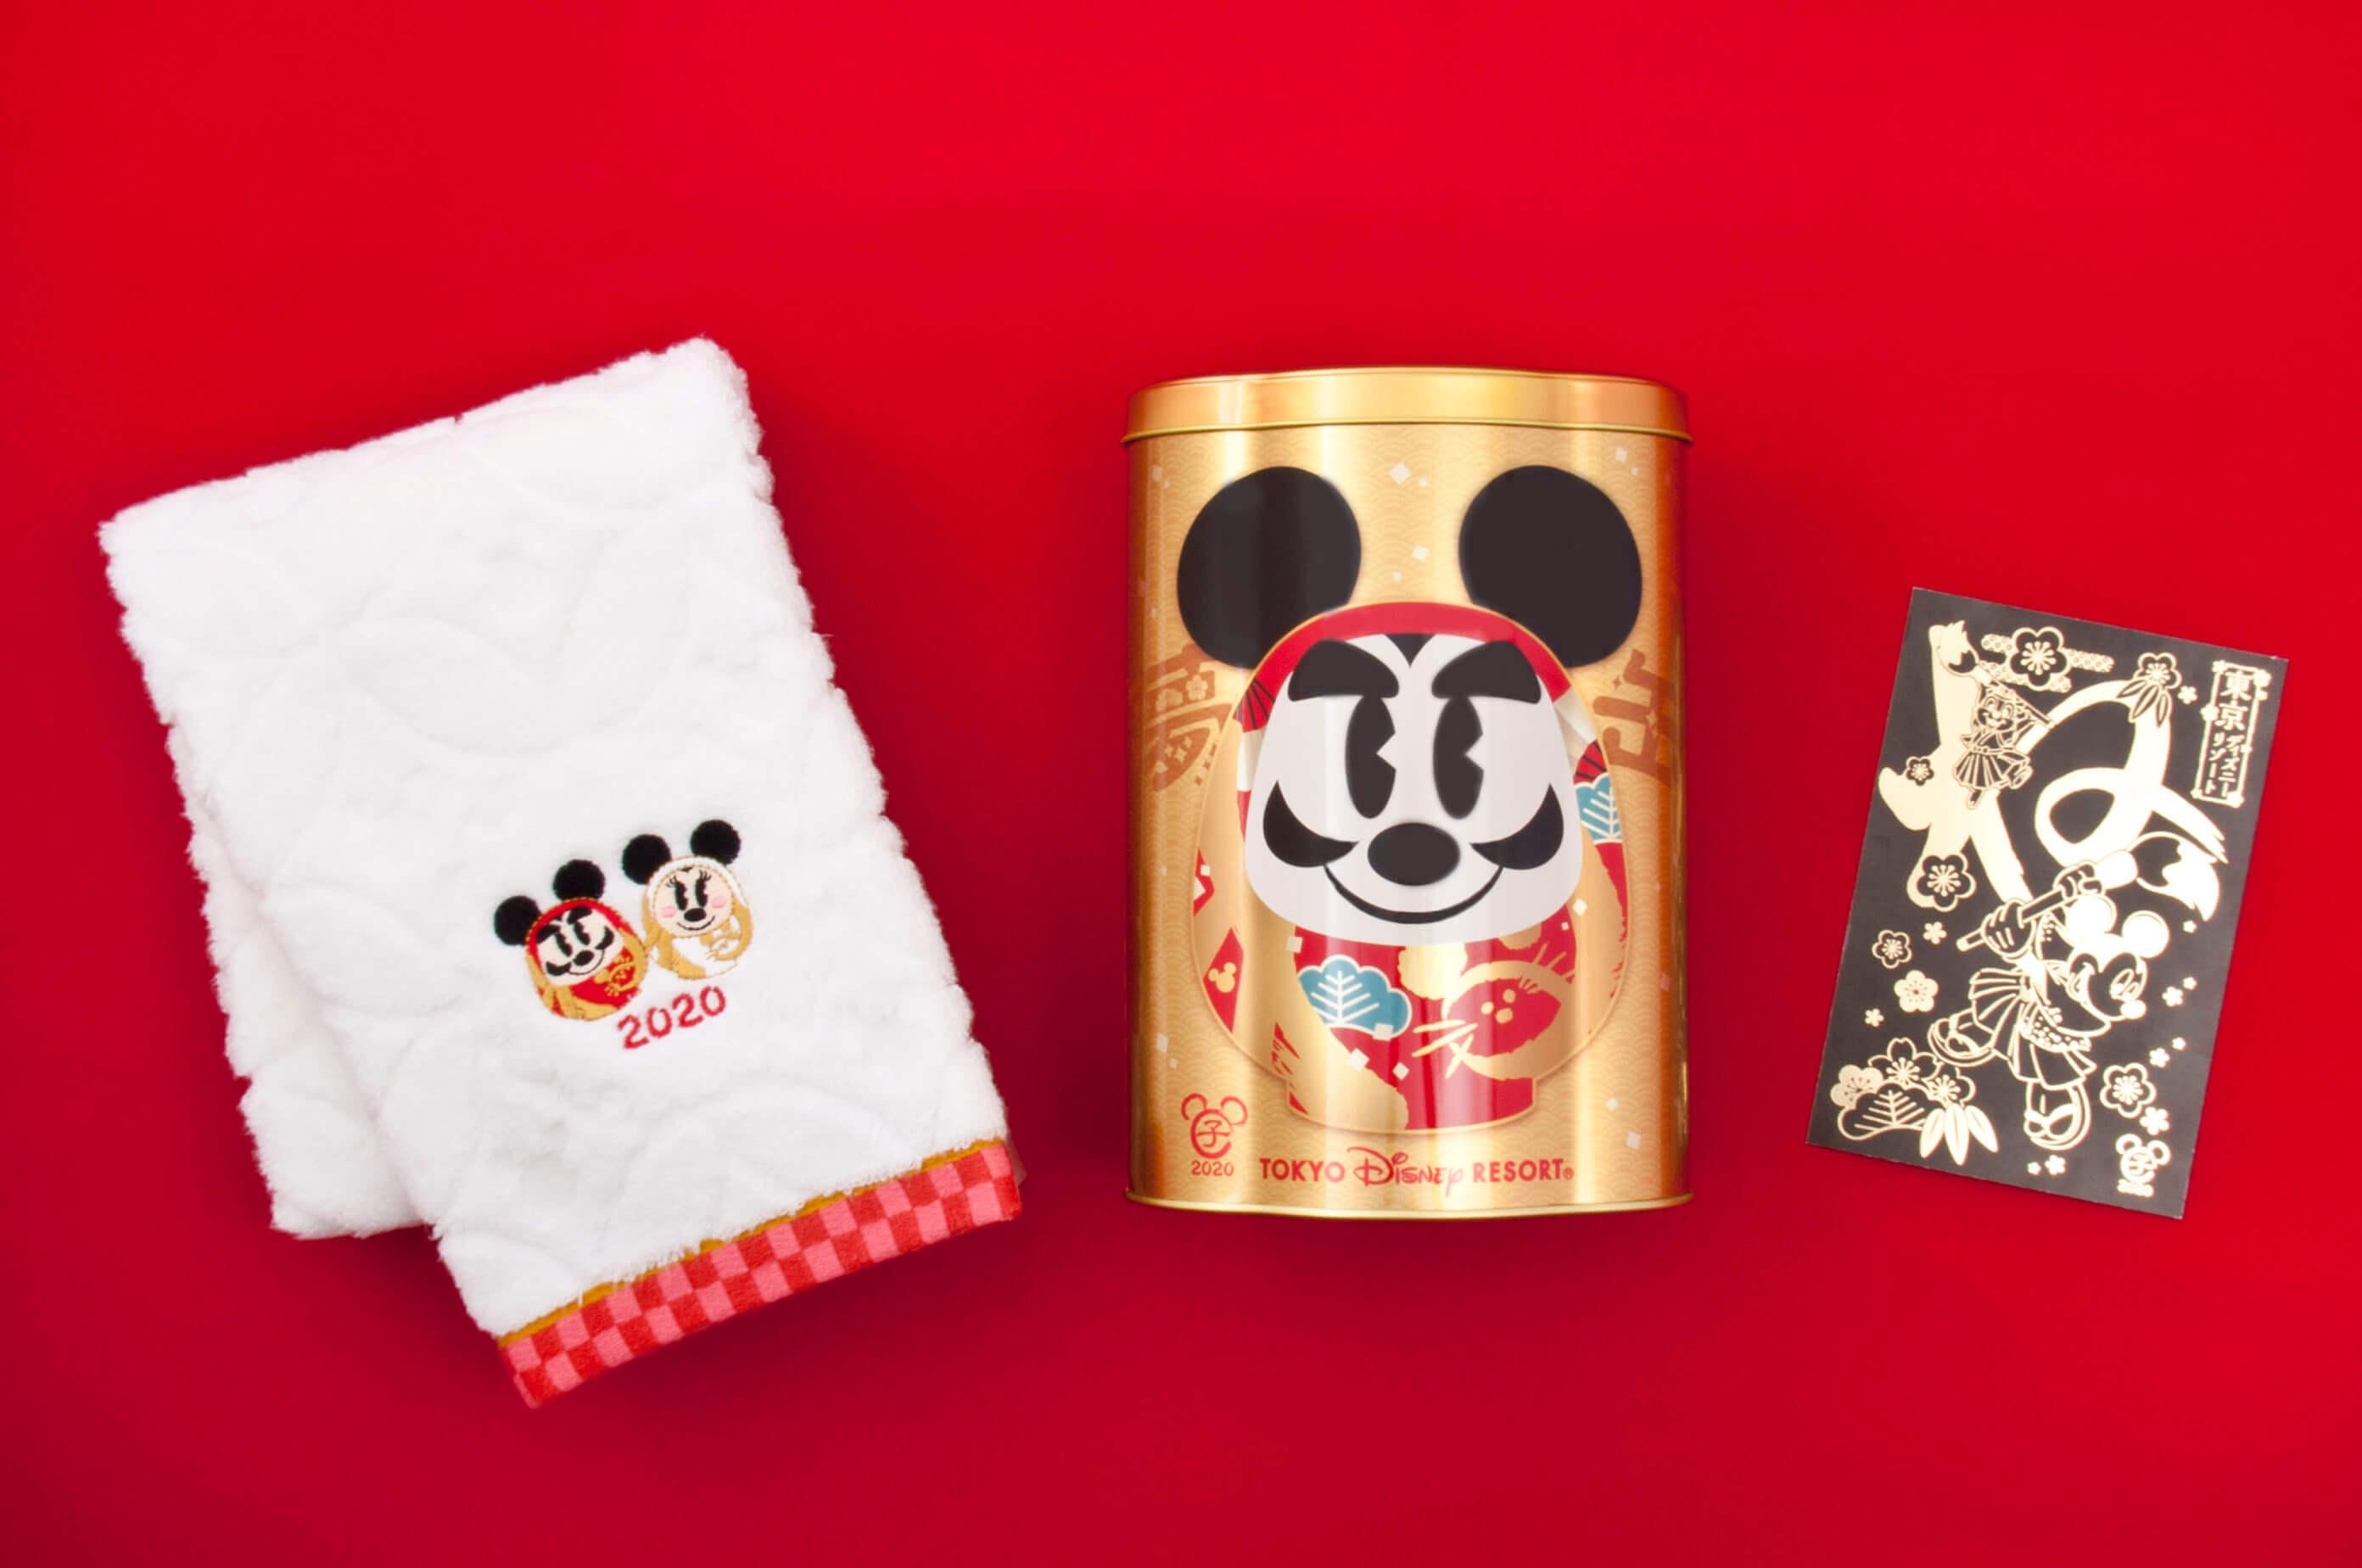 東京ディズニーリゾート お正月 Tokyo Disney Resort New Year